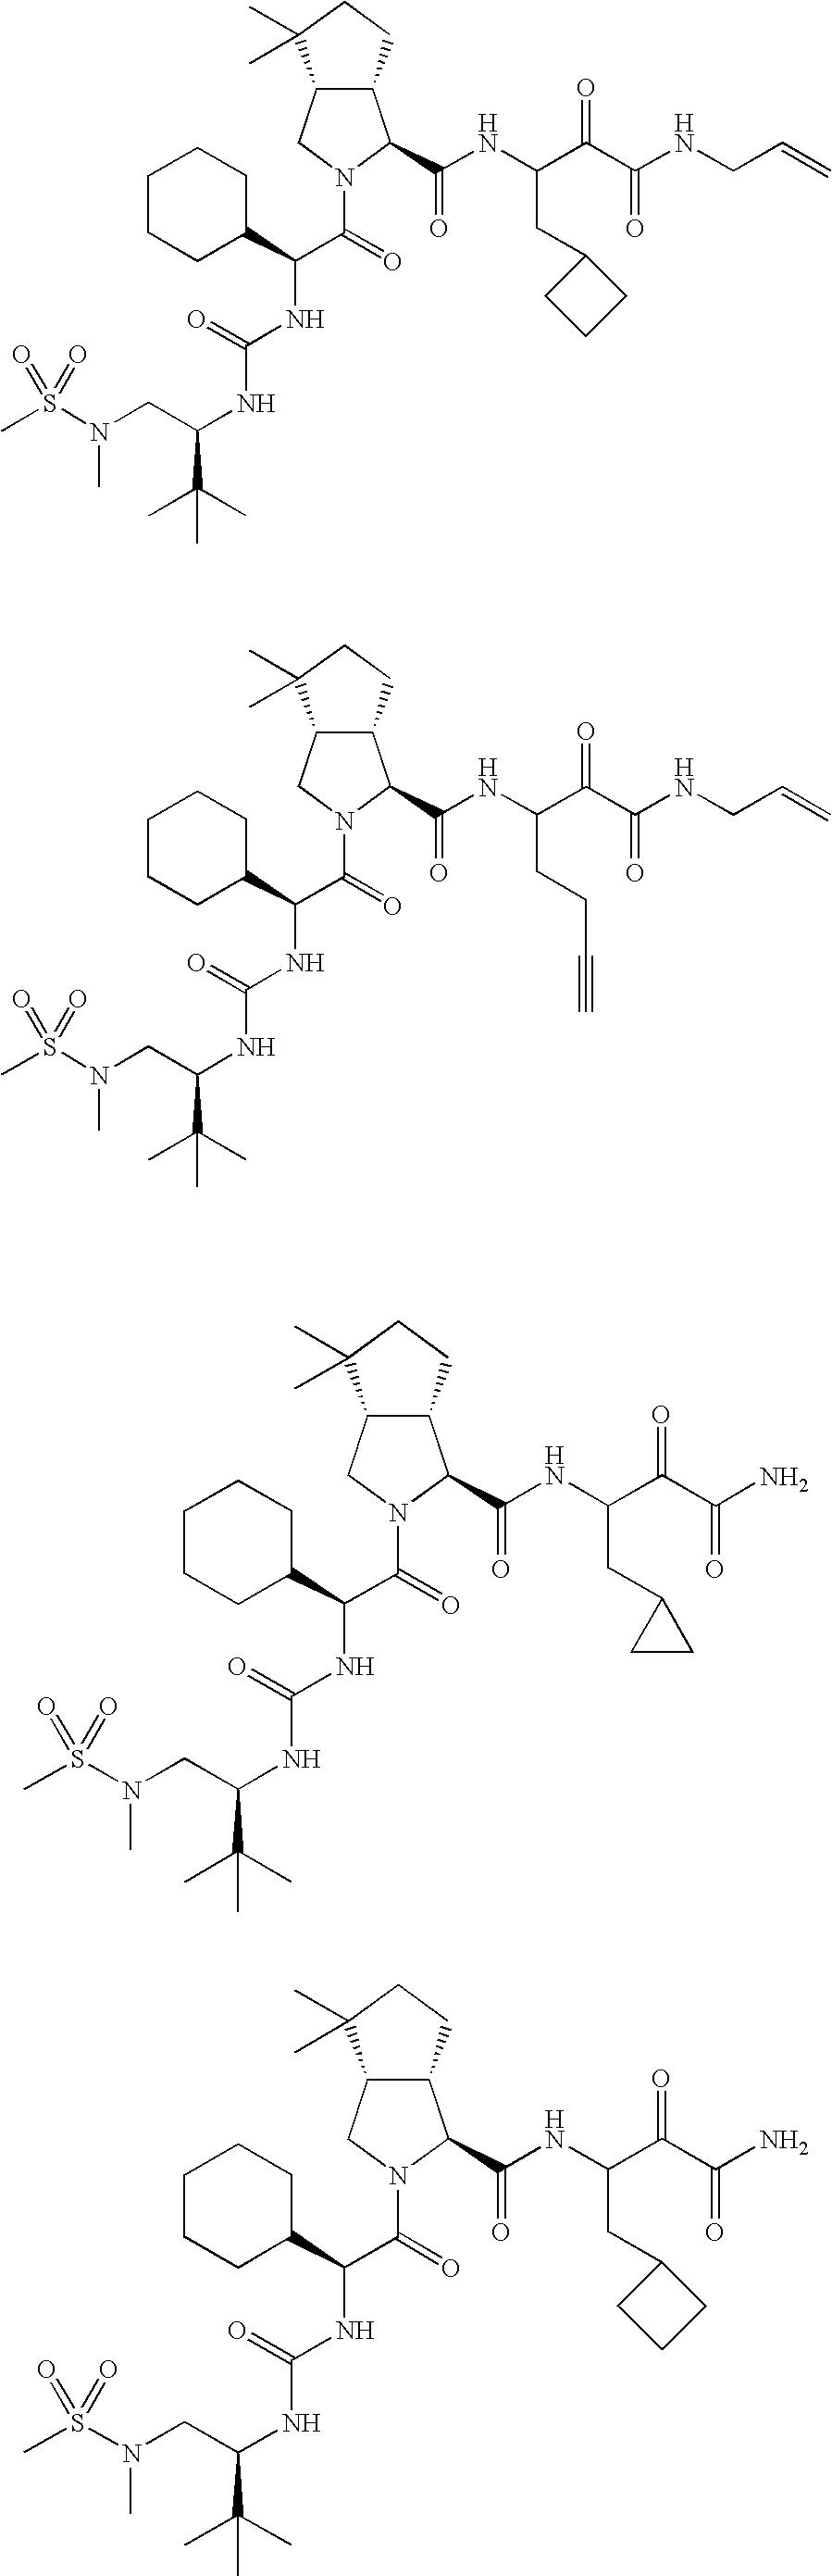 Figure US20060287248A1-20061221-C00518